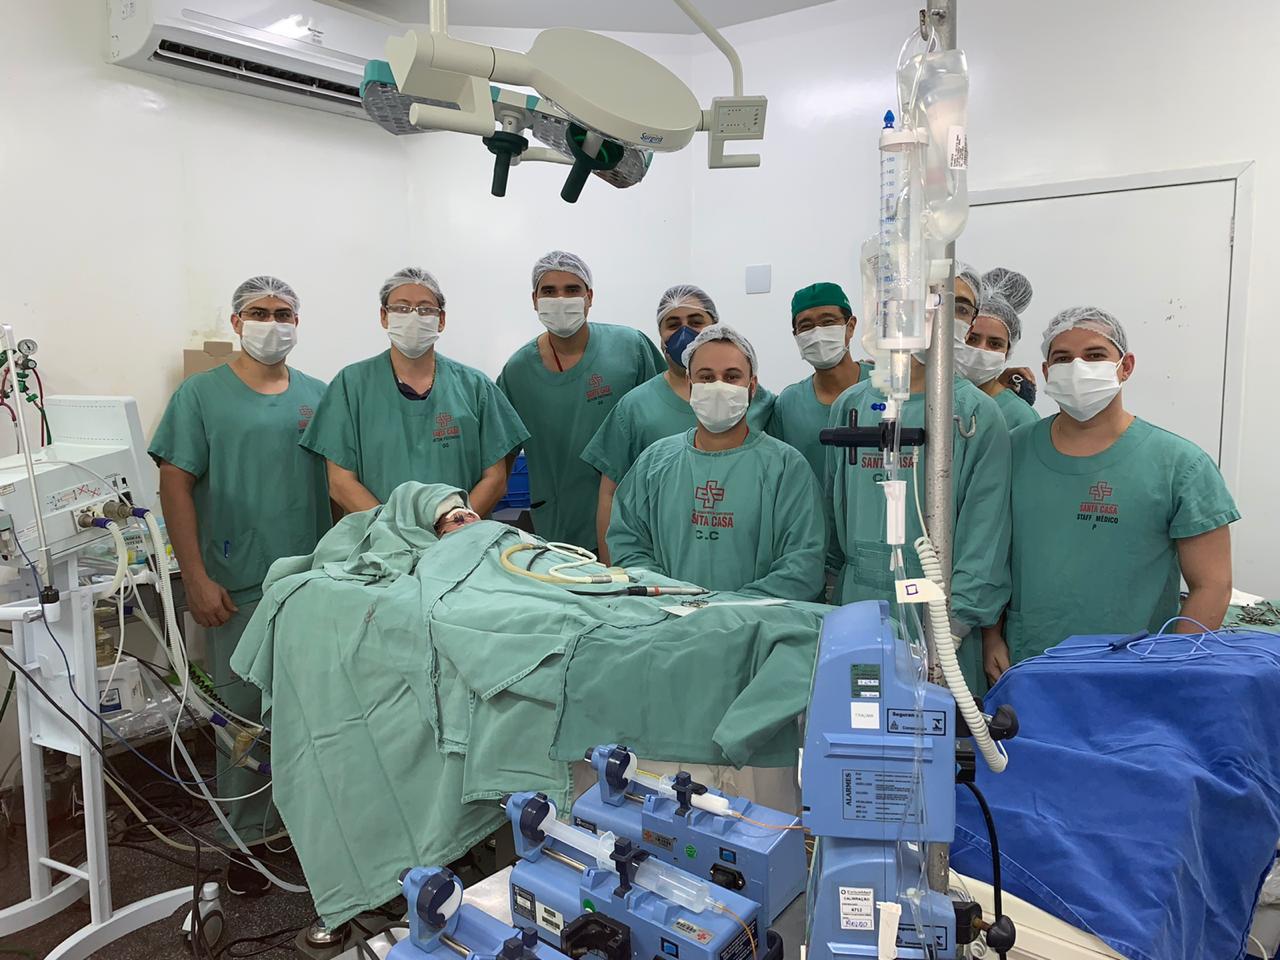 Cirurgiões-dentistas compõem equipe multiprofissional na Santa Casa